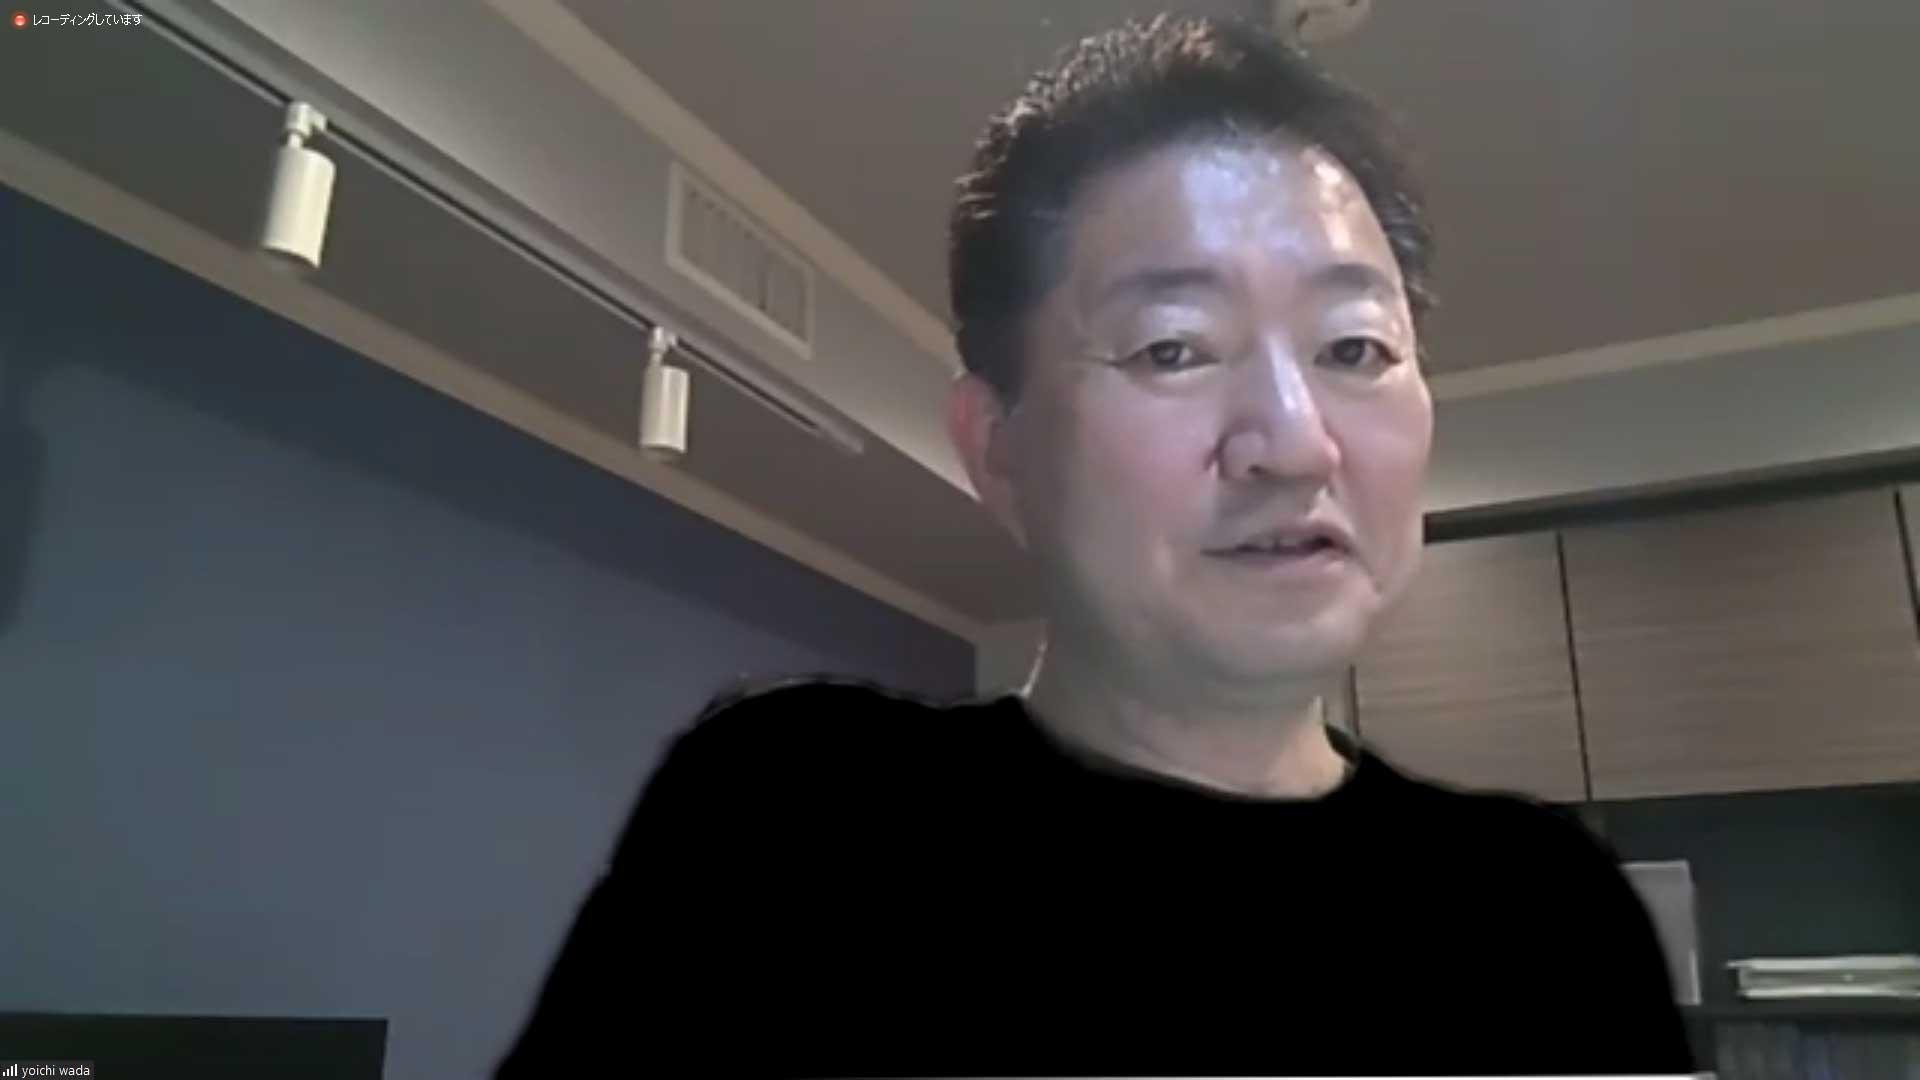 元スクエニCEO・和田洋一氏がコロナ後のゲーム業界の未来を語る。デジタルとフィジカルの分離から働き方改革、アップル対Epic Gamesの行方まで【GDM Vol.41 Onlineレポート】